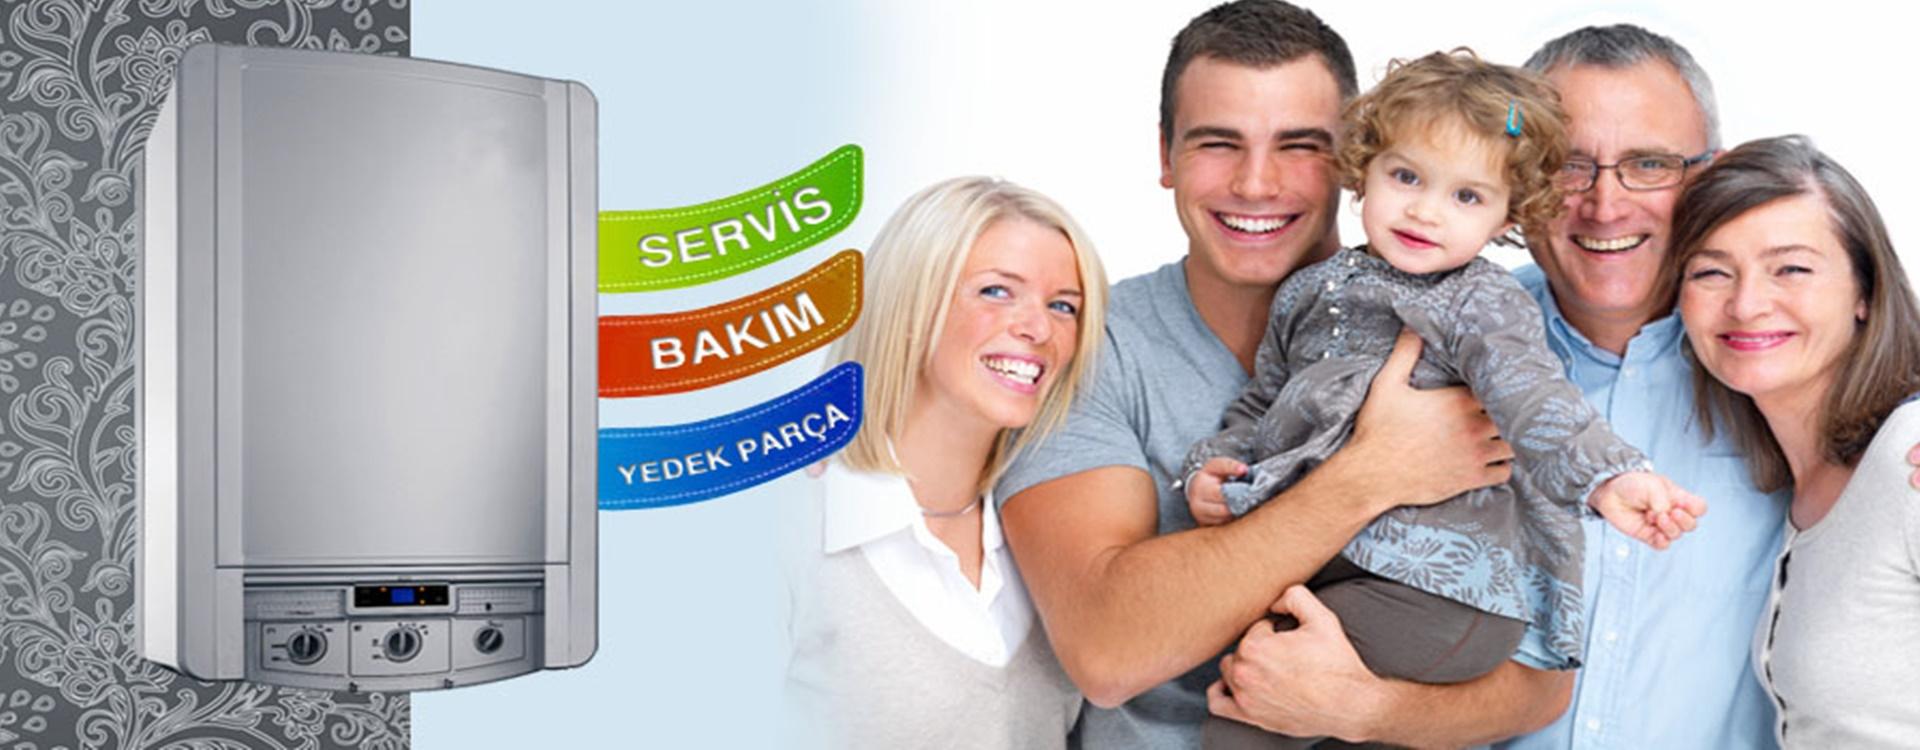 Bakırköy Eca Kombi servisi